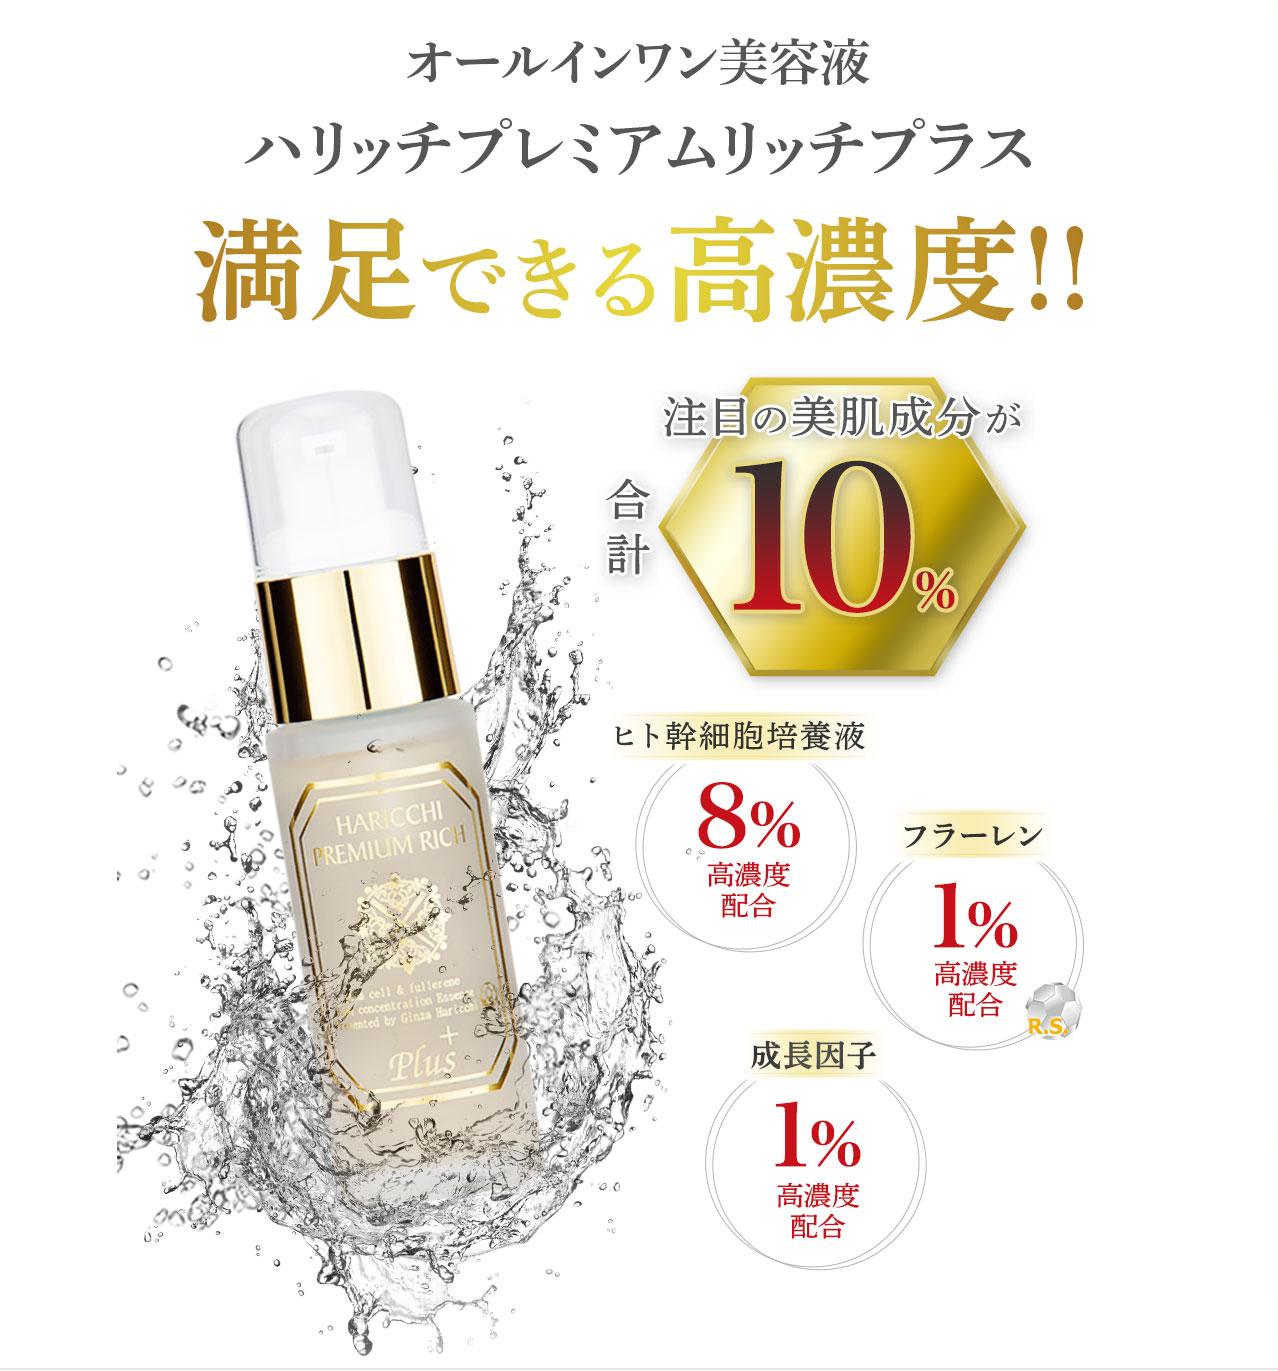 オールインワン美容液ハリッチプレミアムリッチプラス満足できる高濃度!!ヒト幹細胞培養液2%配合+フラーレン1%配合